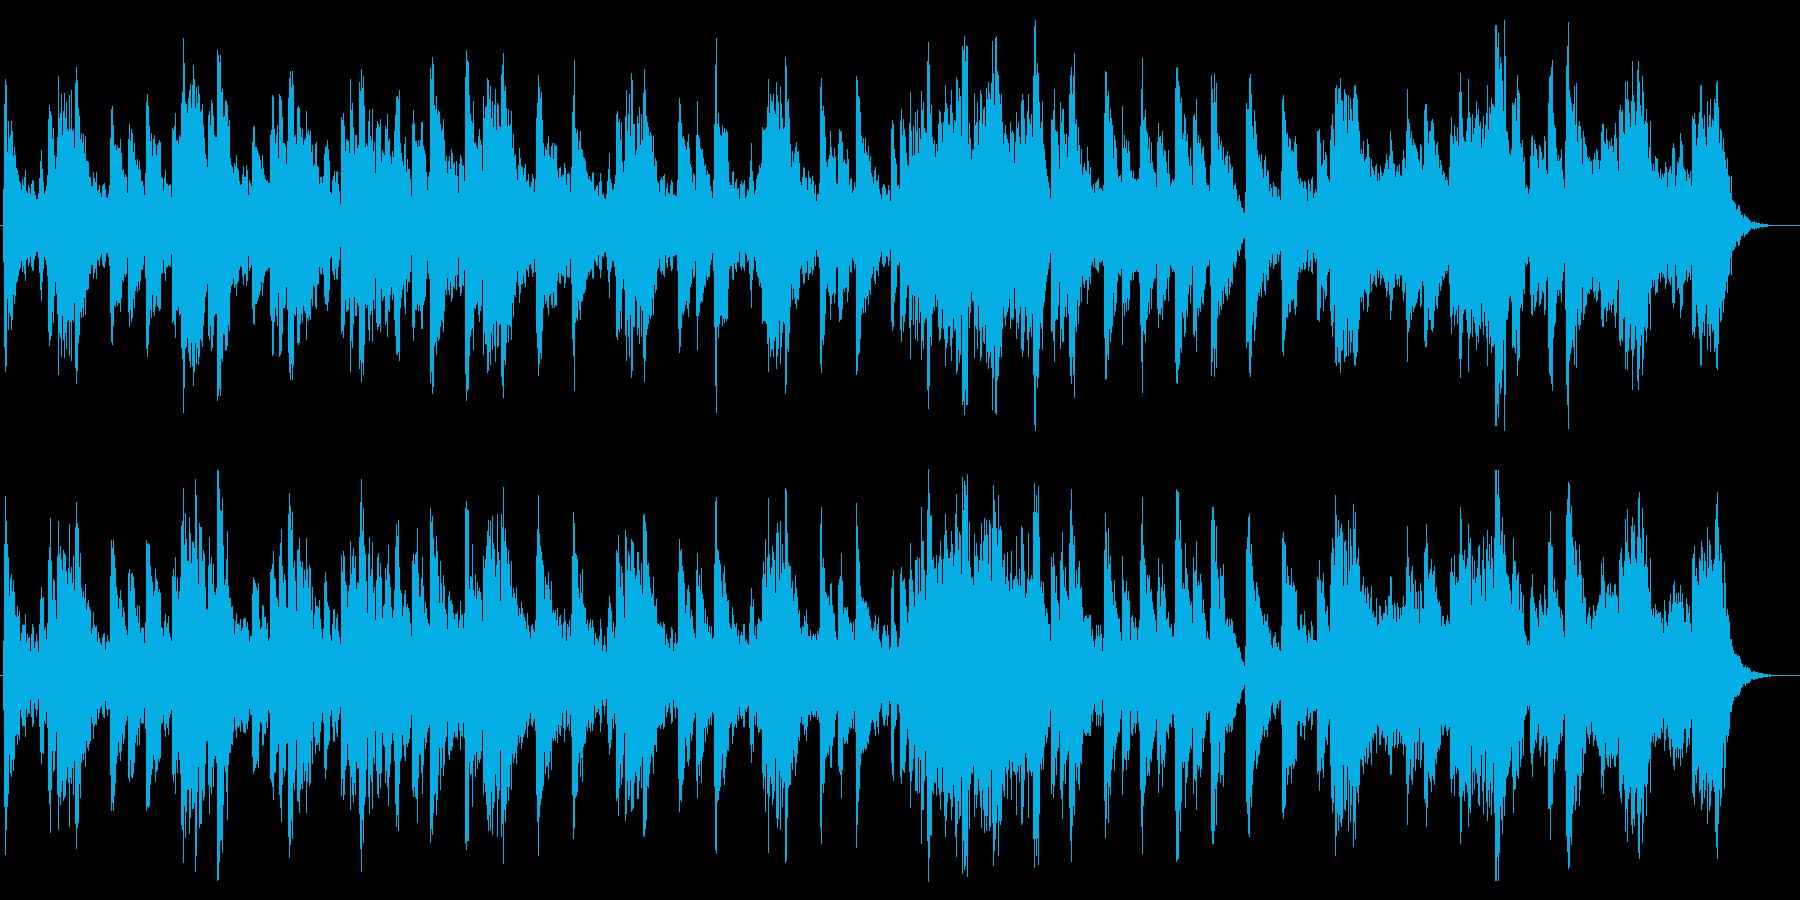 タイスの瞑想曲 crystalの再生済みの波形